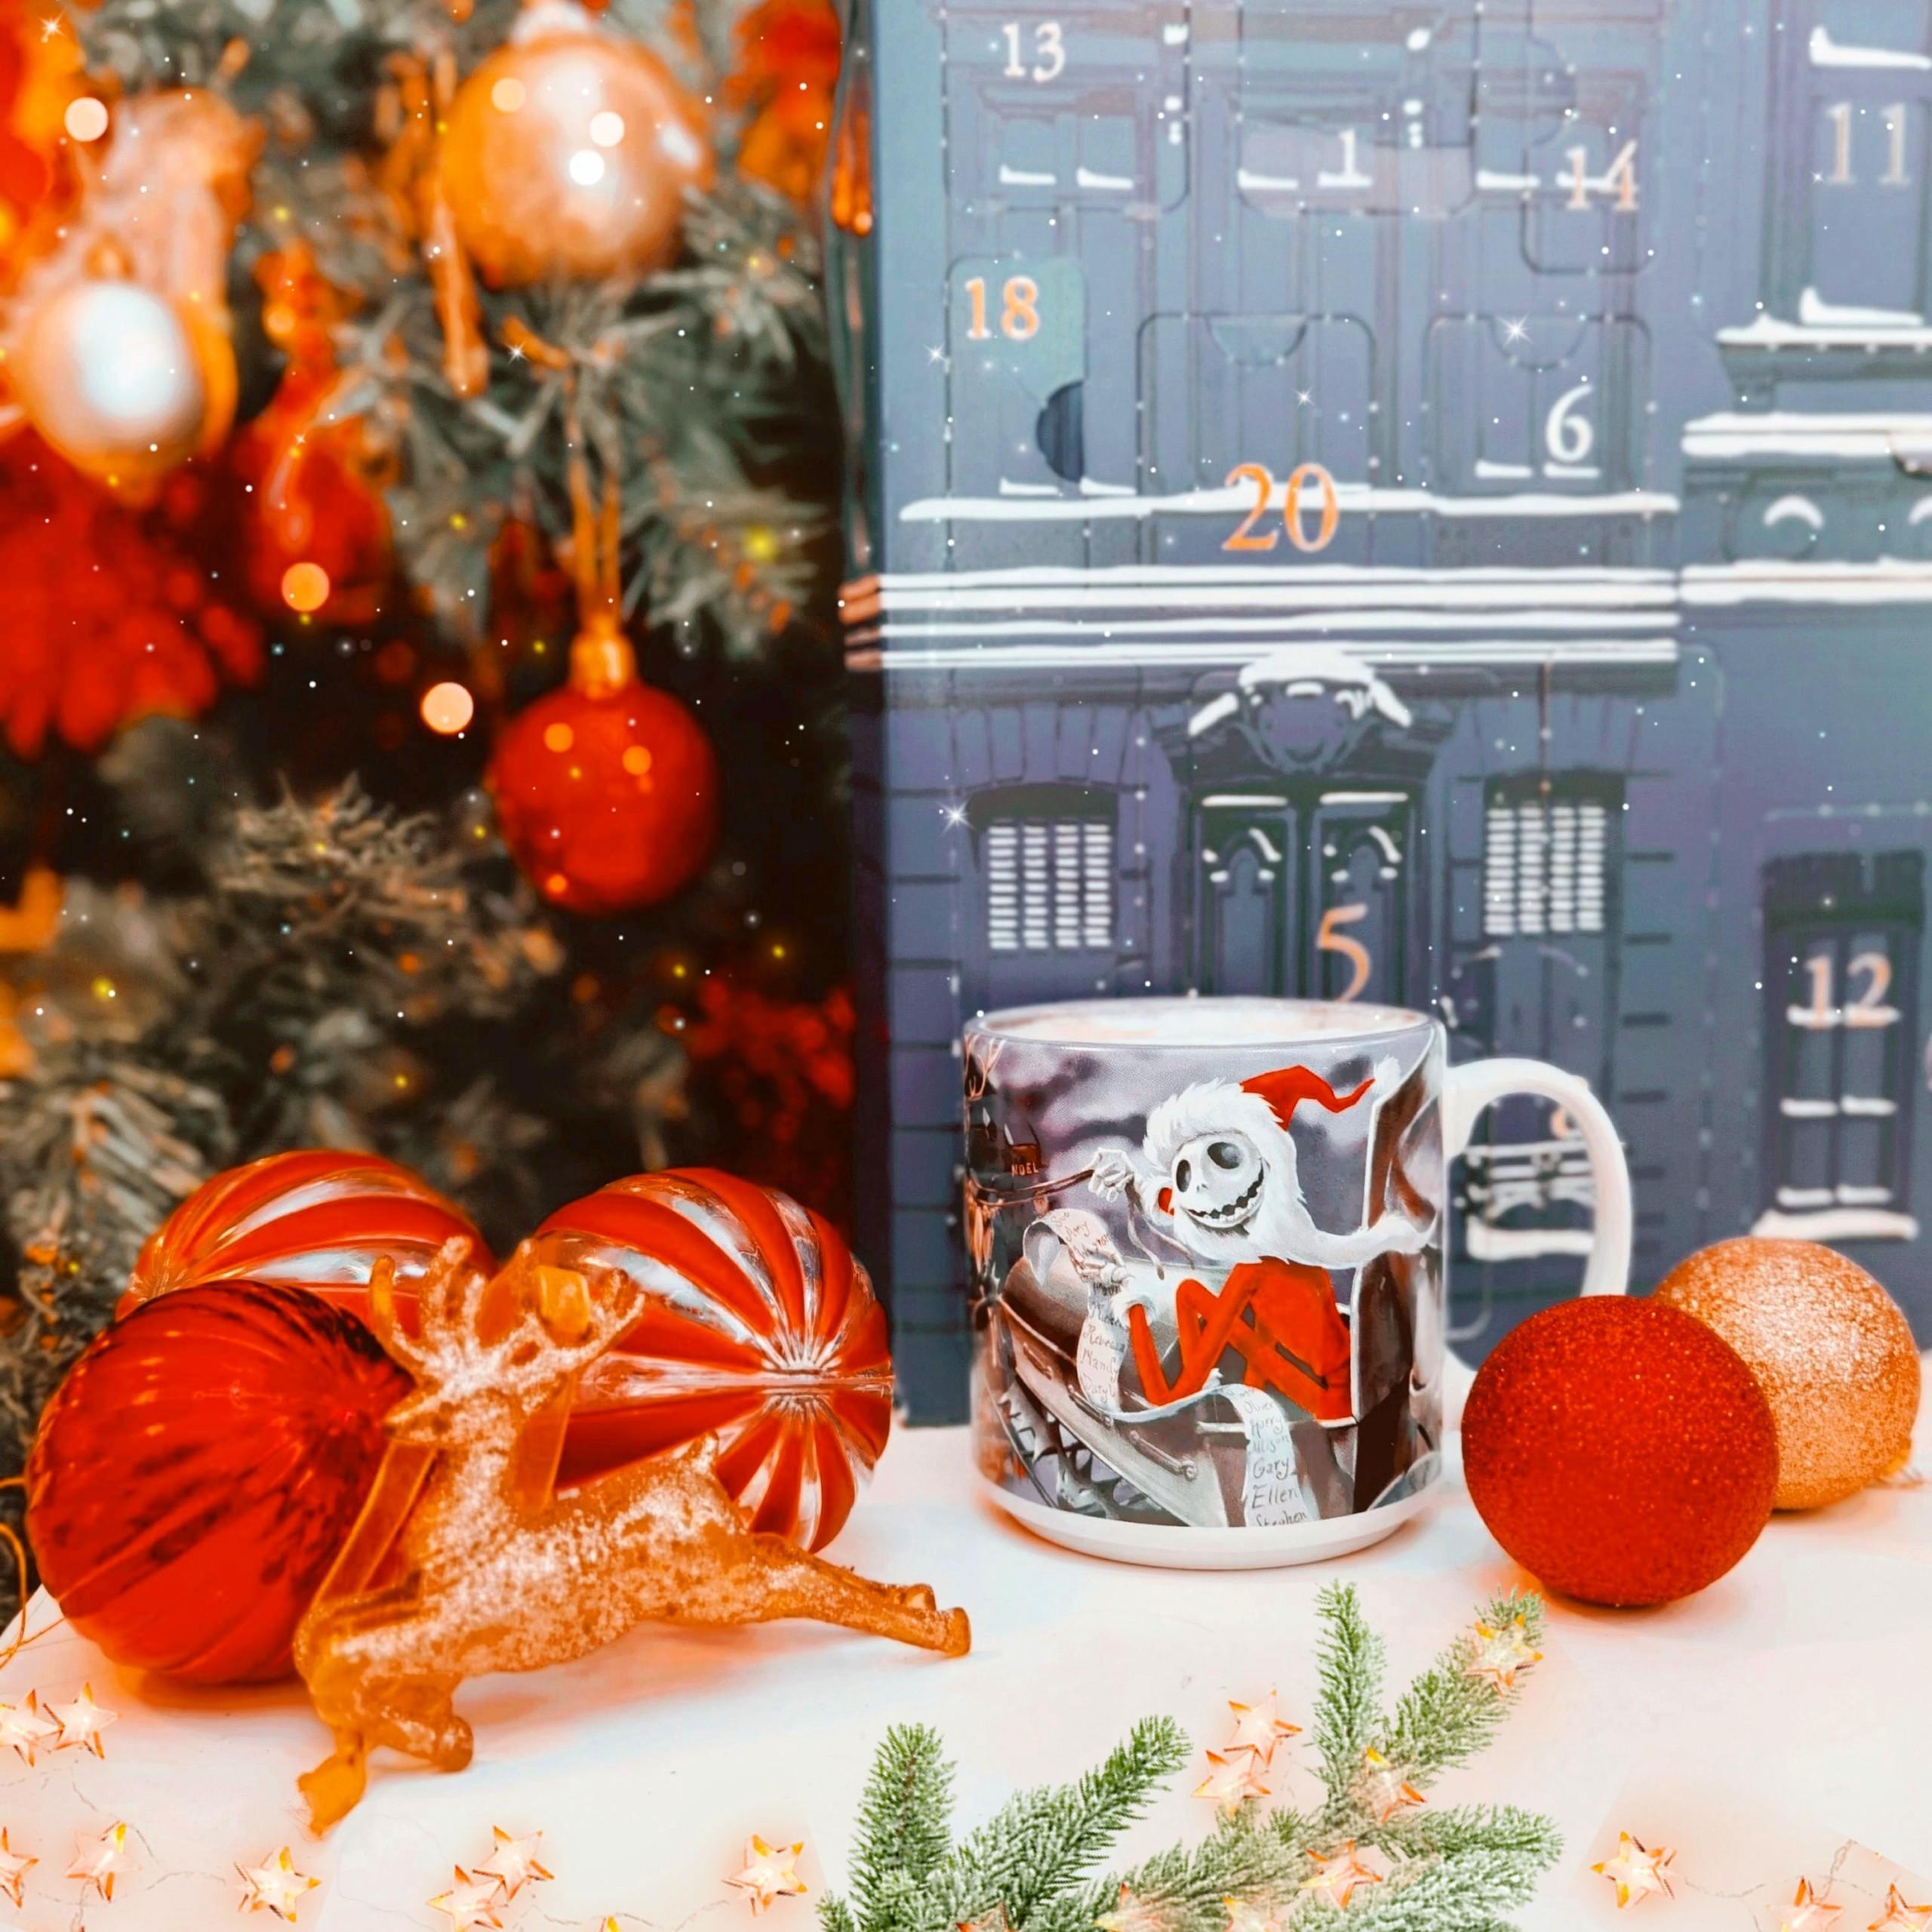 joulu, jouluteko, jouluaatto